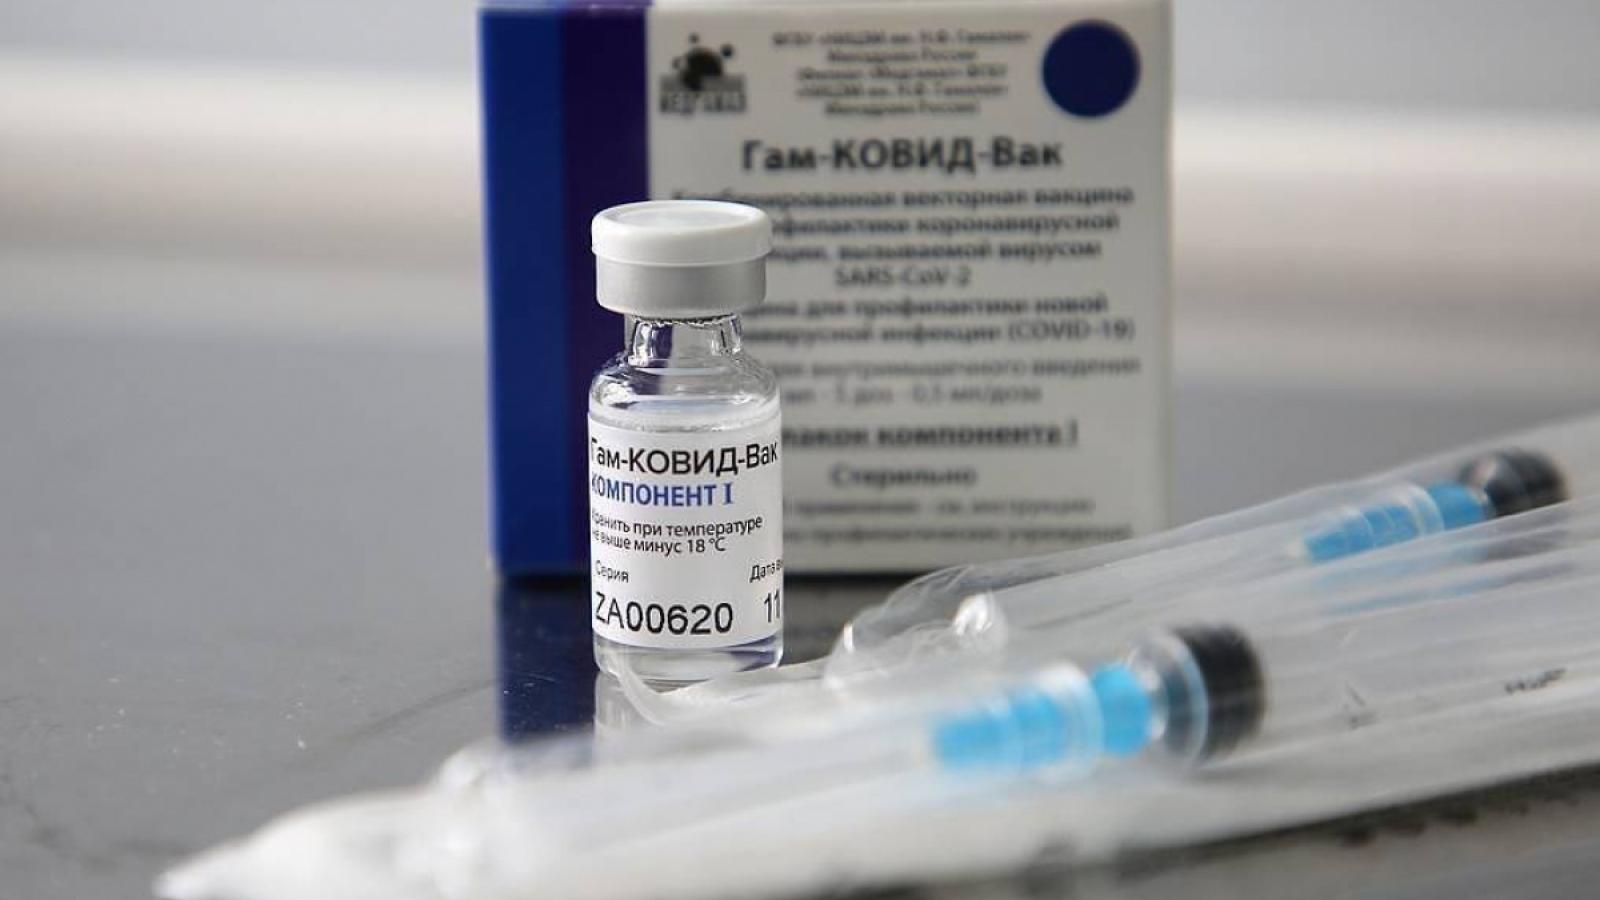 Hungary phê duyệt thêm 2 loại vaccine khác của Ấn Độ và Trung Quốc